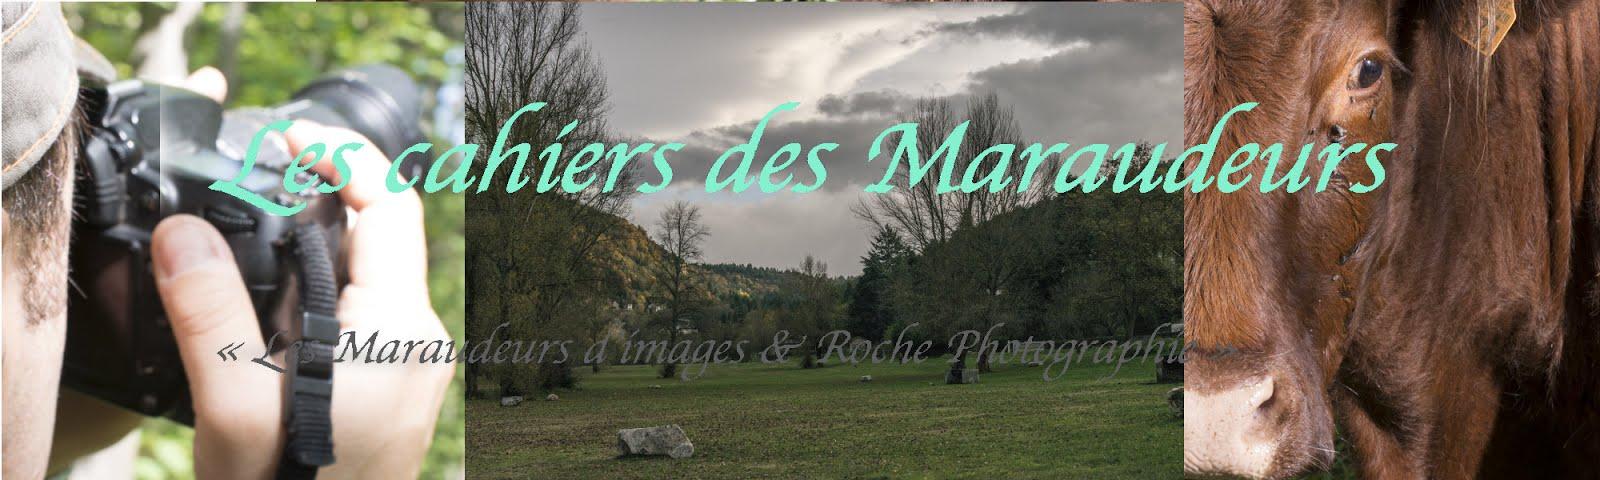 Cahiers des Maraudeurs d'images